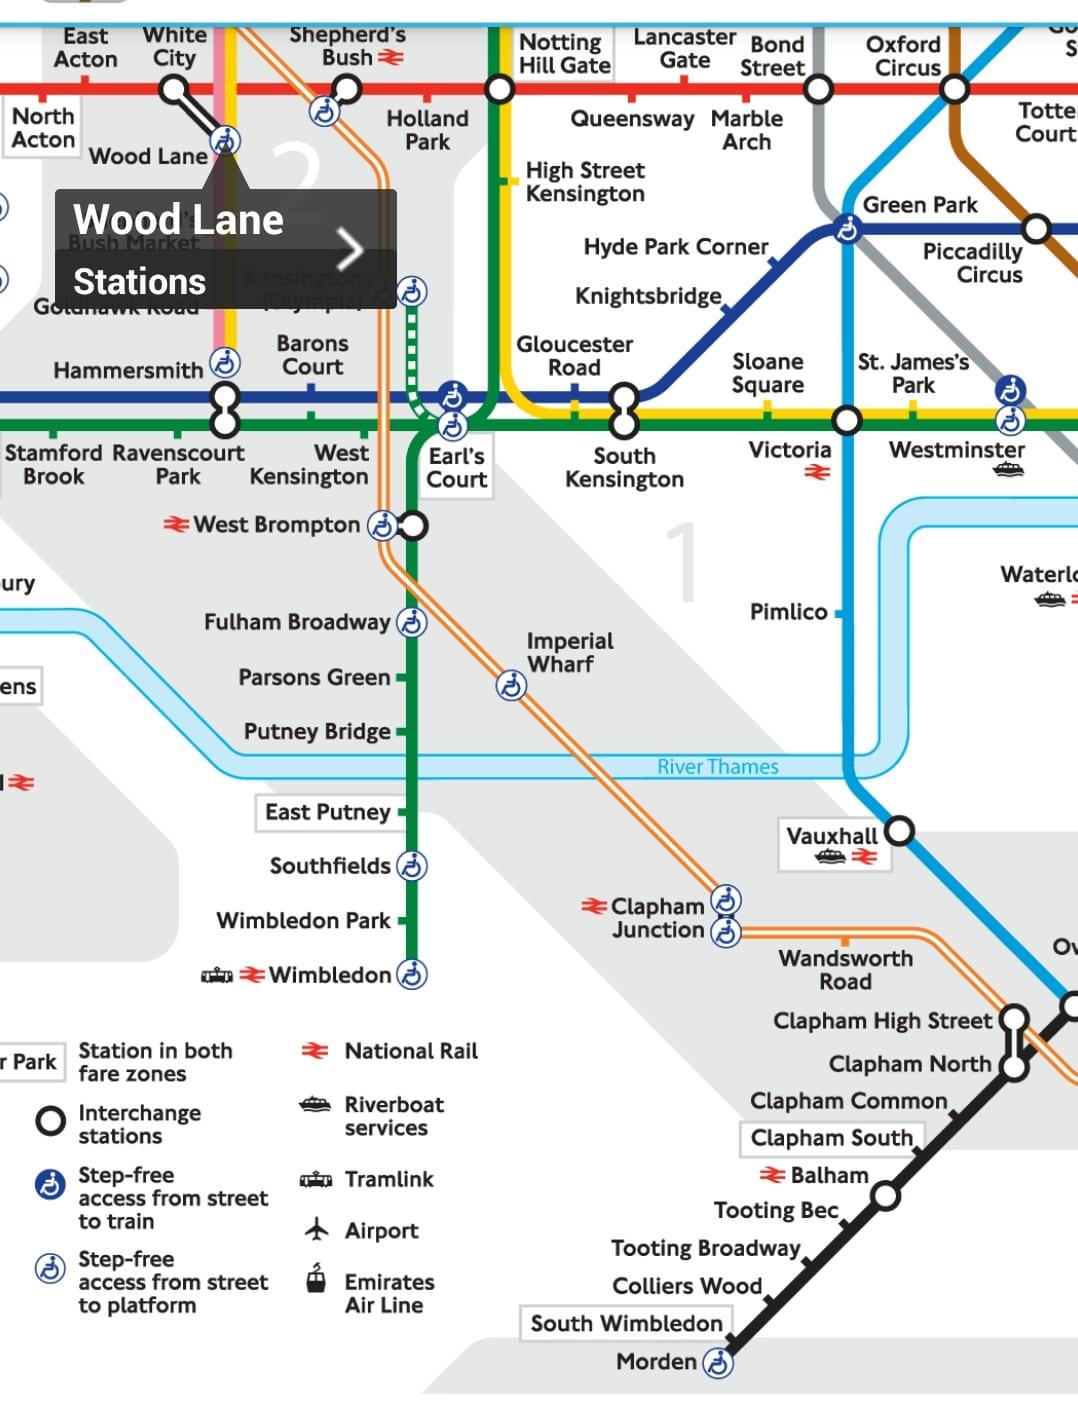 Der Blick auf das Underground verrät, wo sich barrierefreie Stationen befinden.